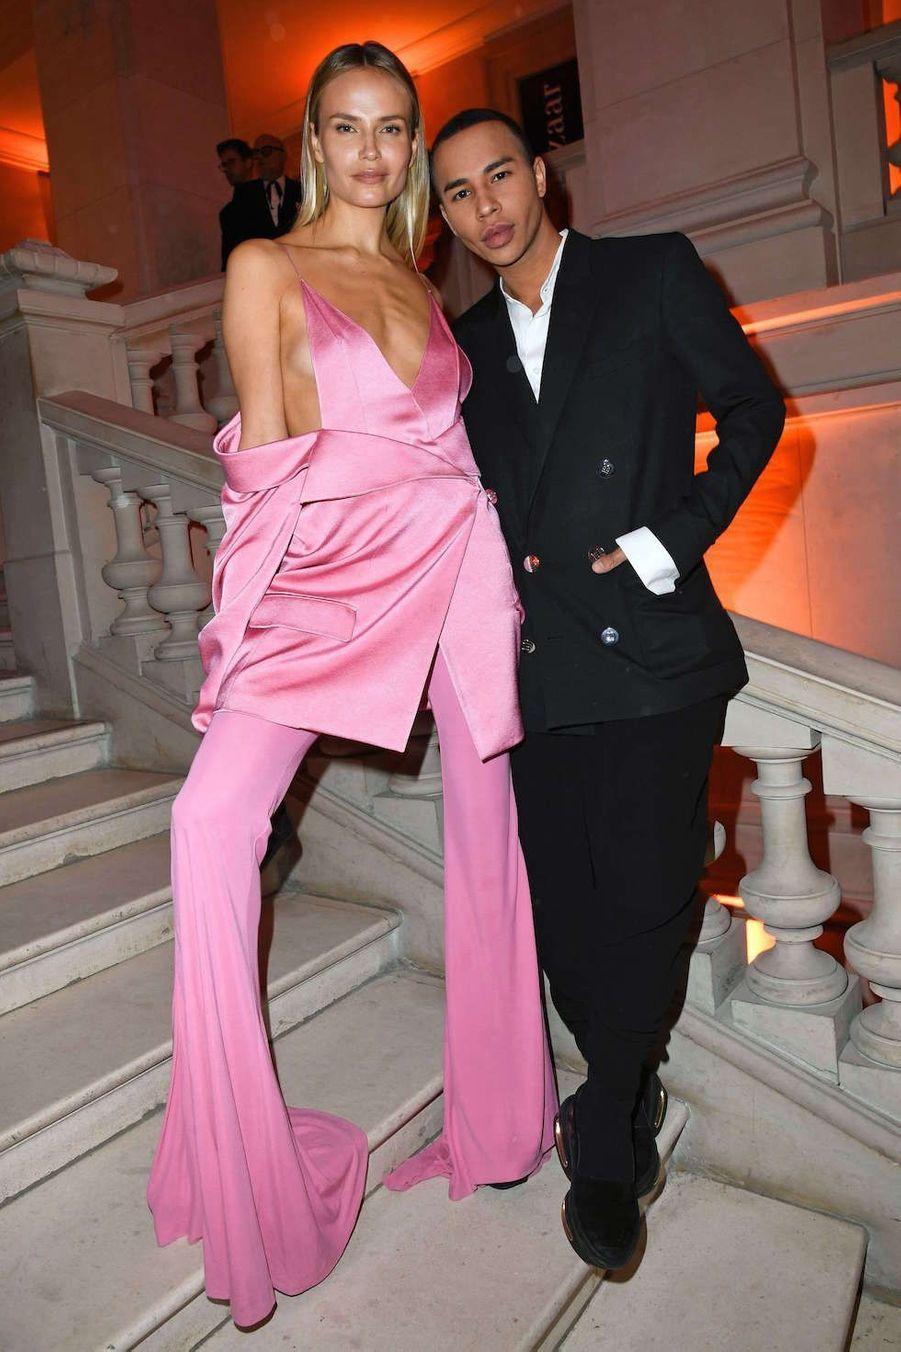 Natasha Poly and Olivier Rousteingau vernissage de l'exposition Harper's Bazaar au Musée des Arts décoratifs, à Paris, le 26 février 2020.